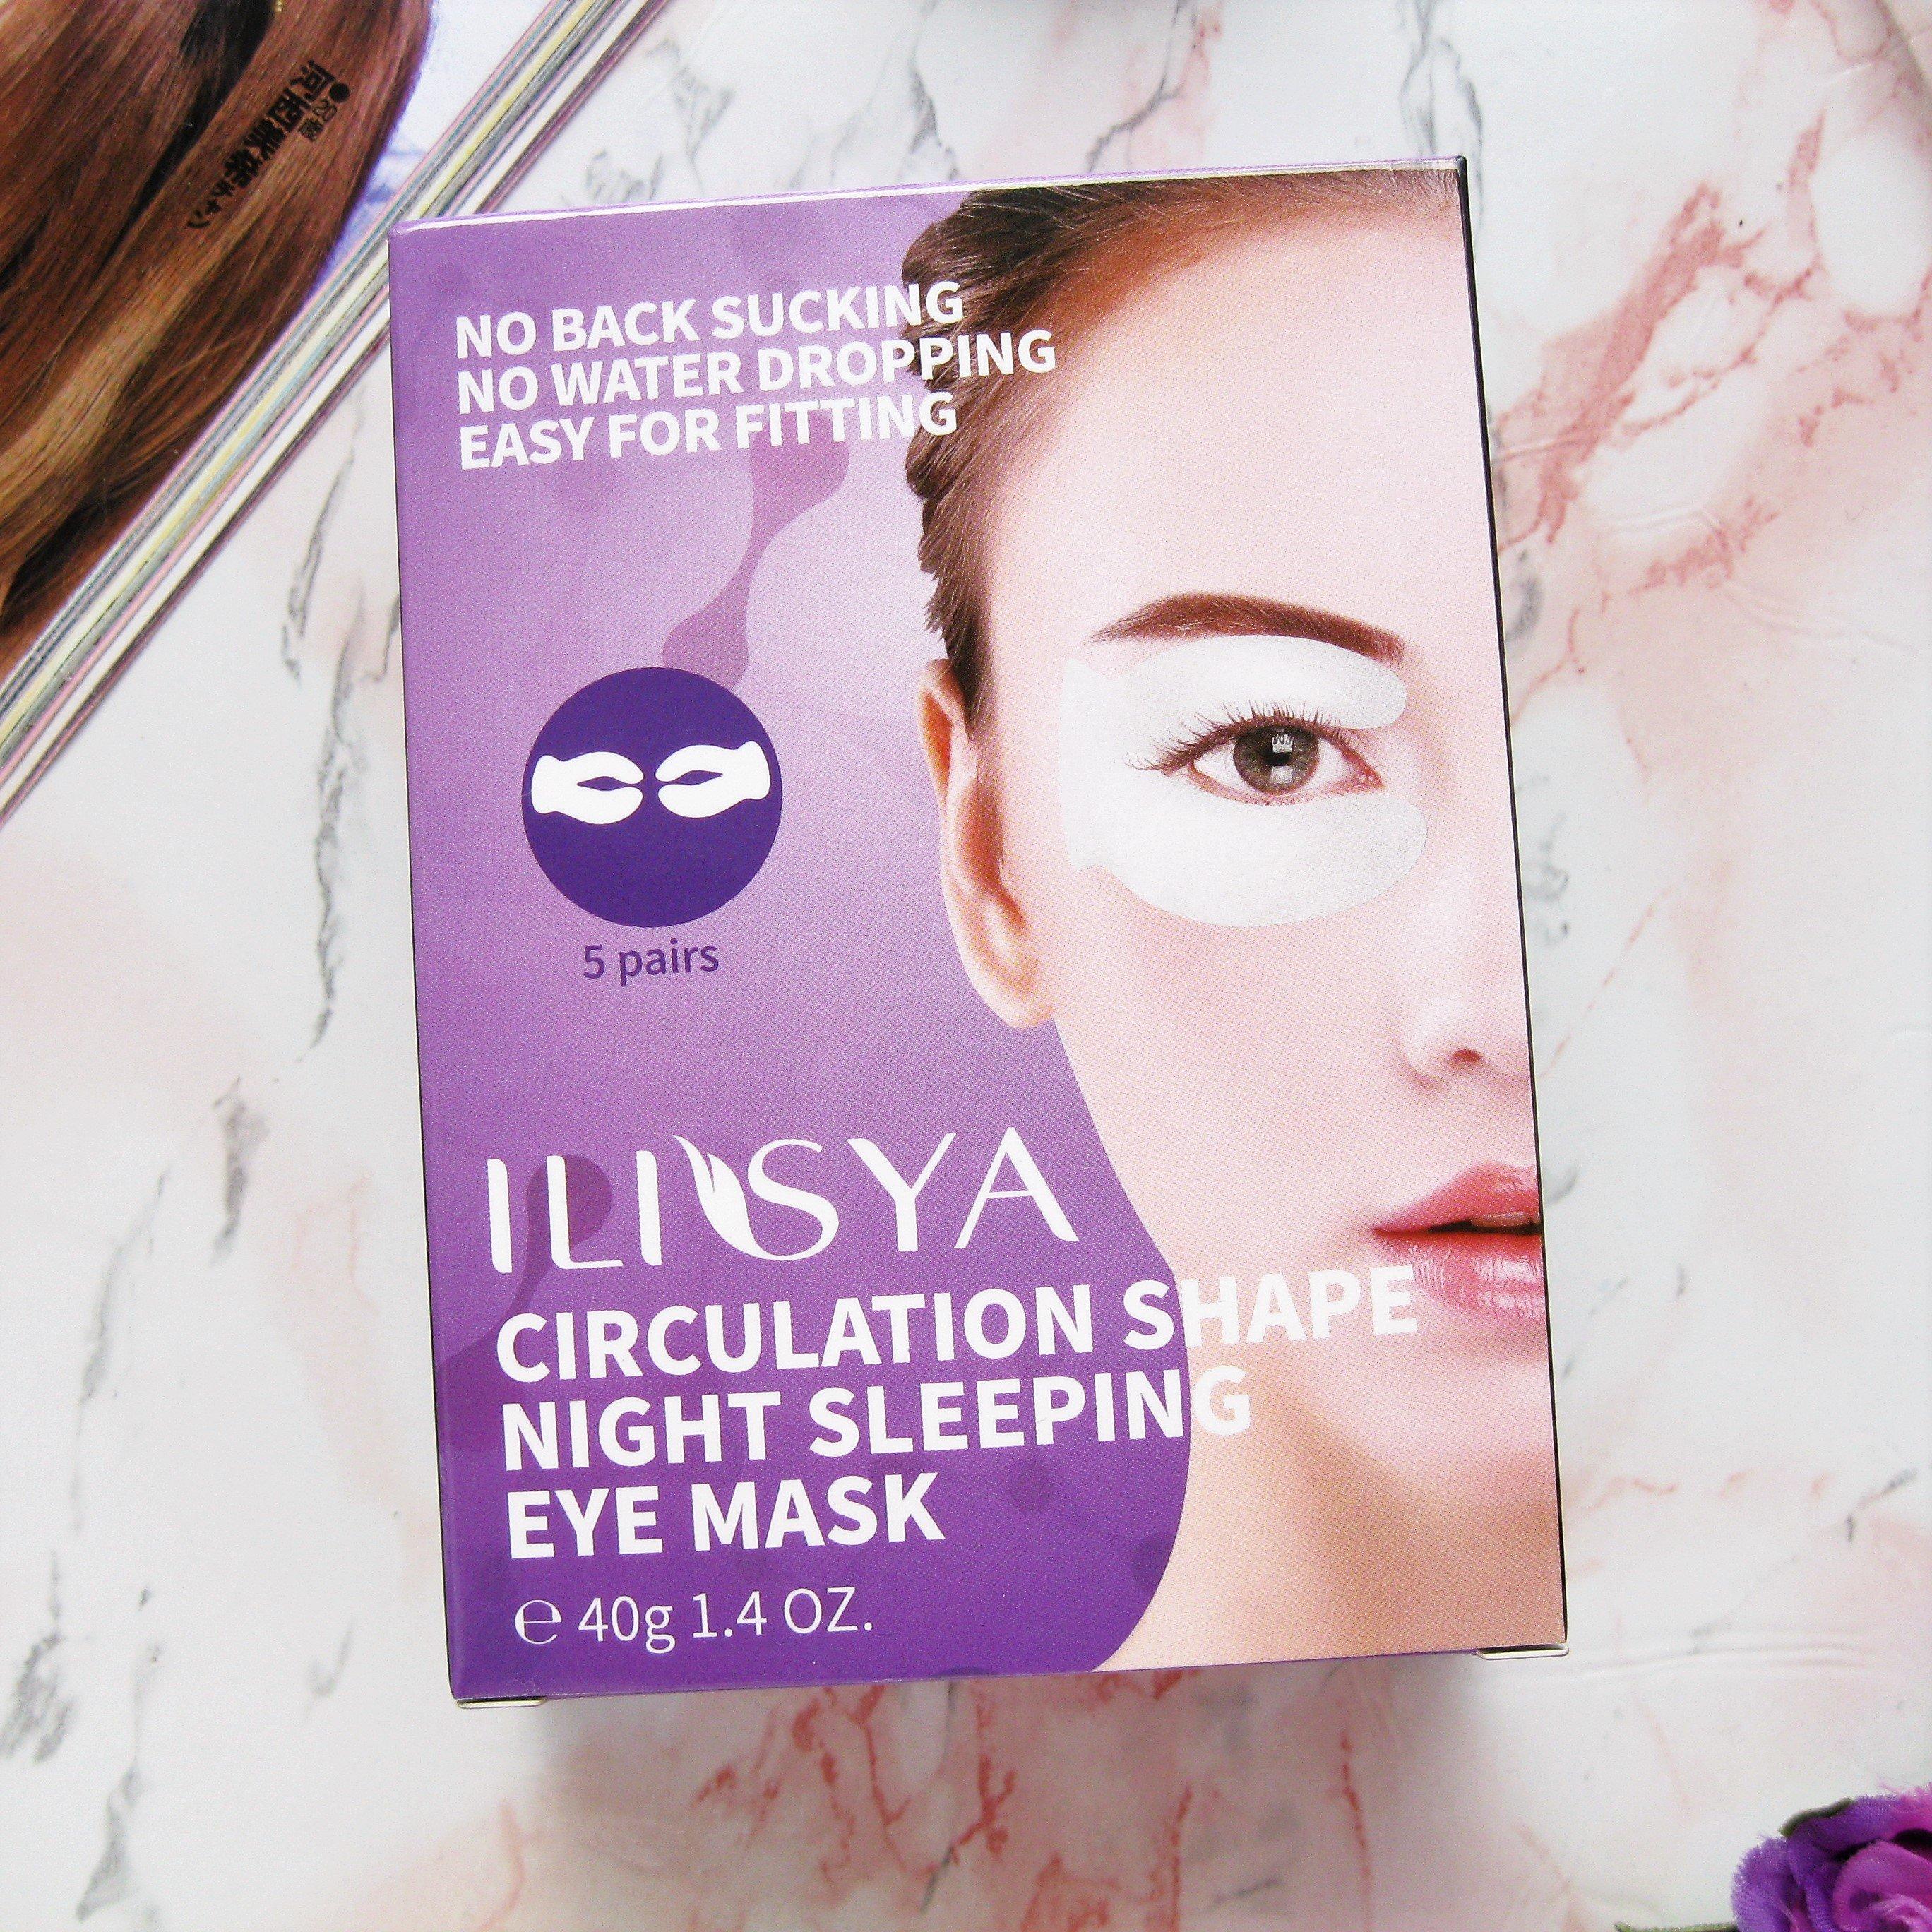 Ночные патчи для глаз ILISYA. Вы спите, а они работают. - цена